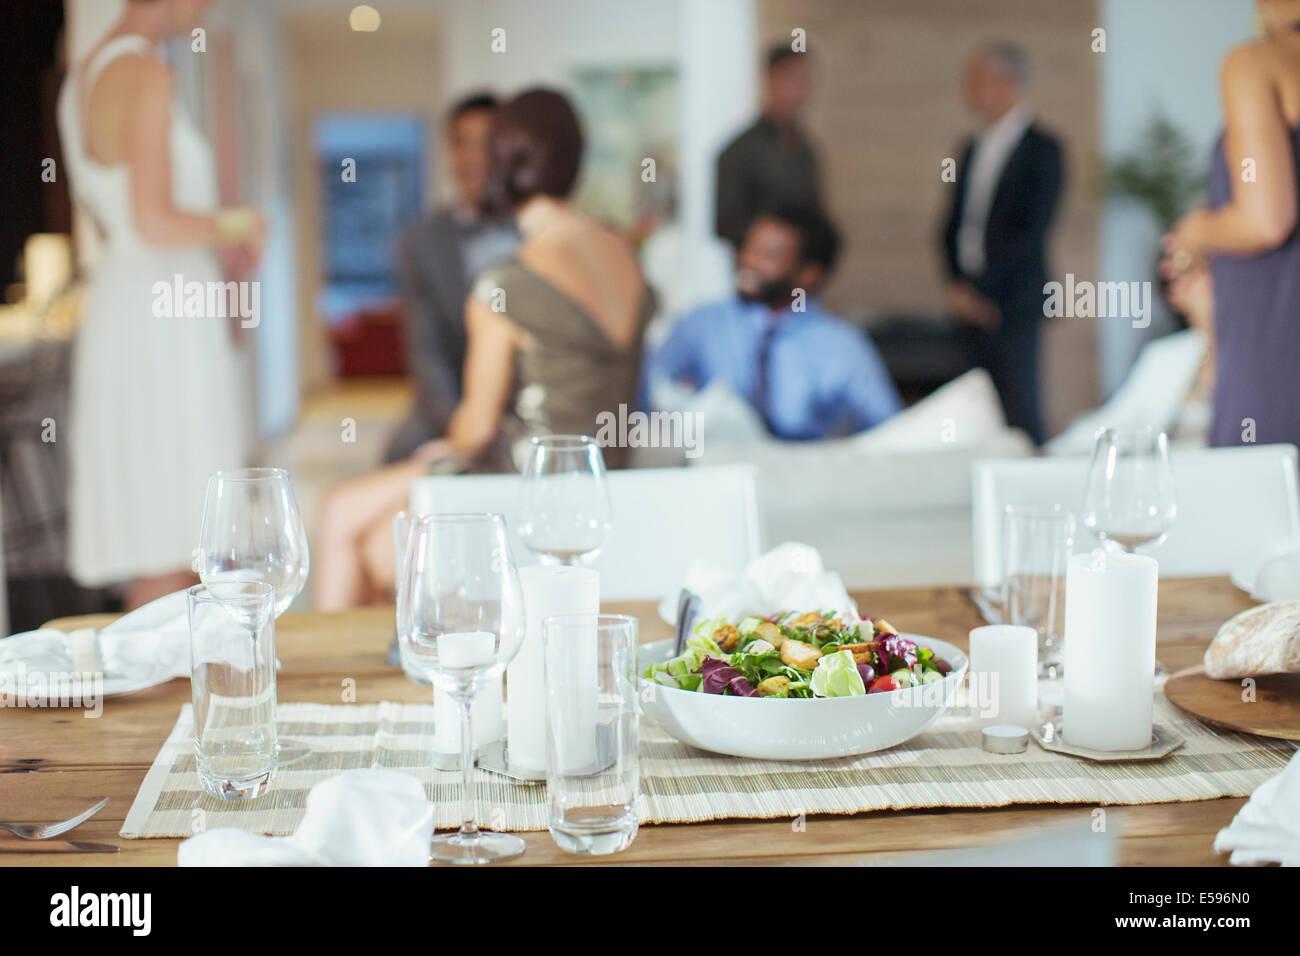 Dinnerparty Tabelle festgesetzt Stockbild